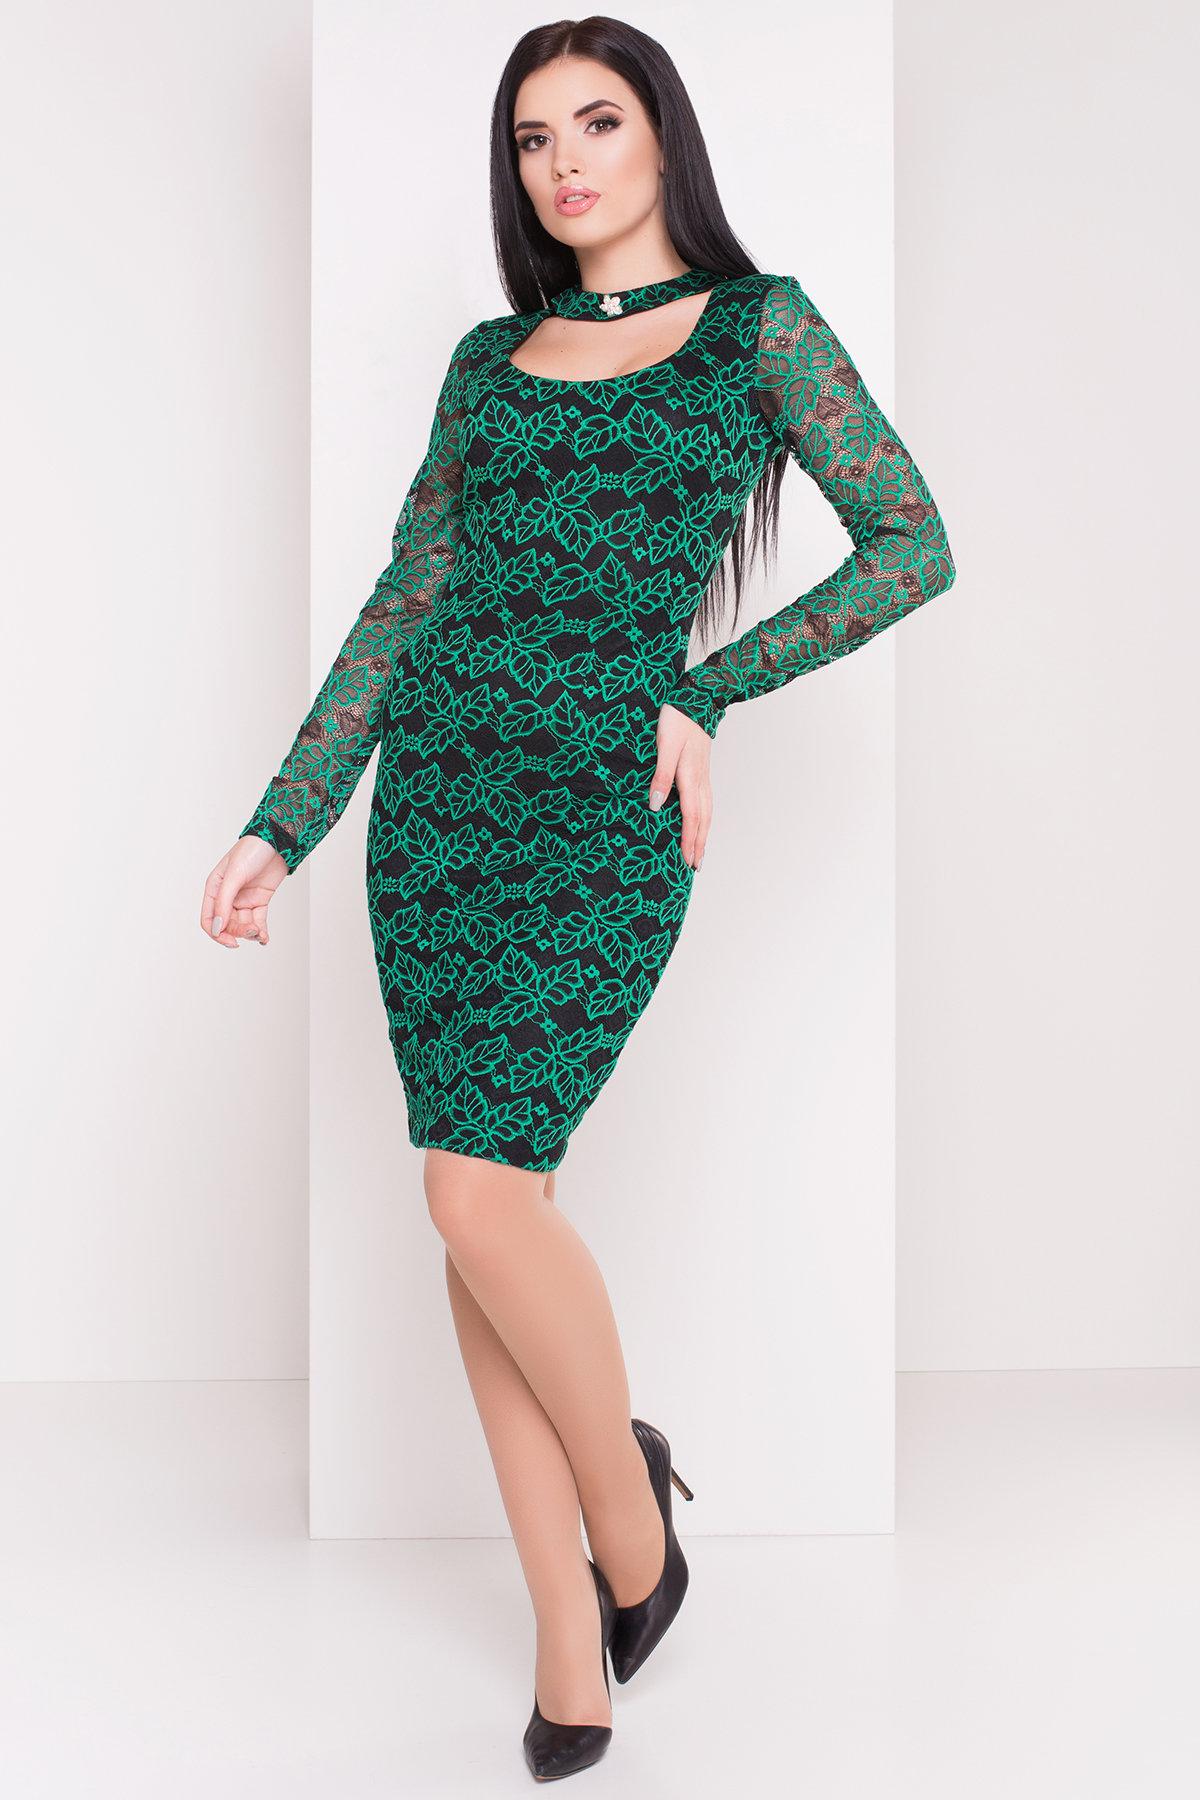 Оптовый интернет-магазин платьев Modus Платье Олифта 1208